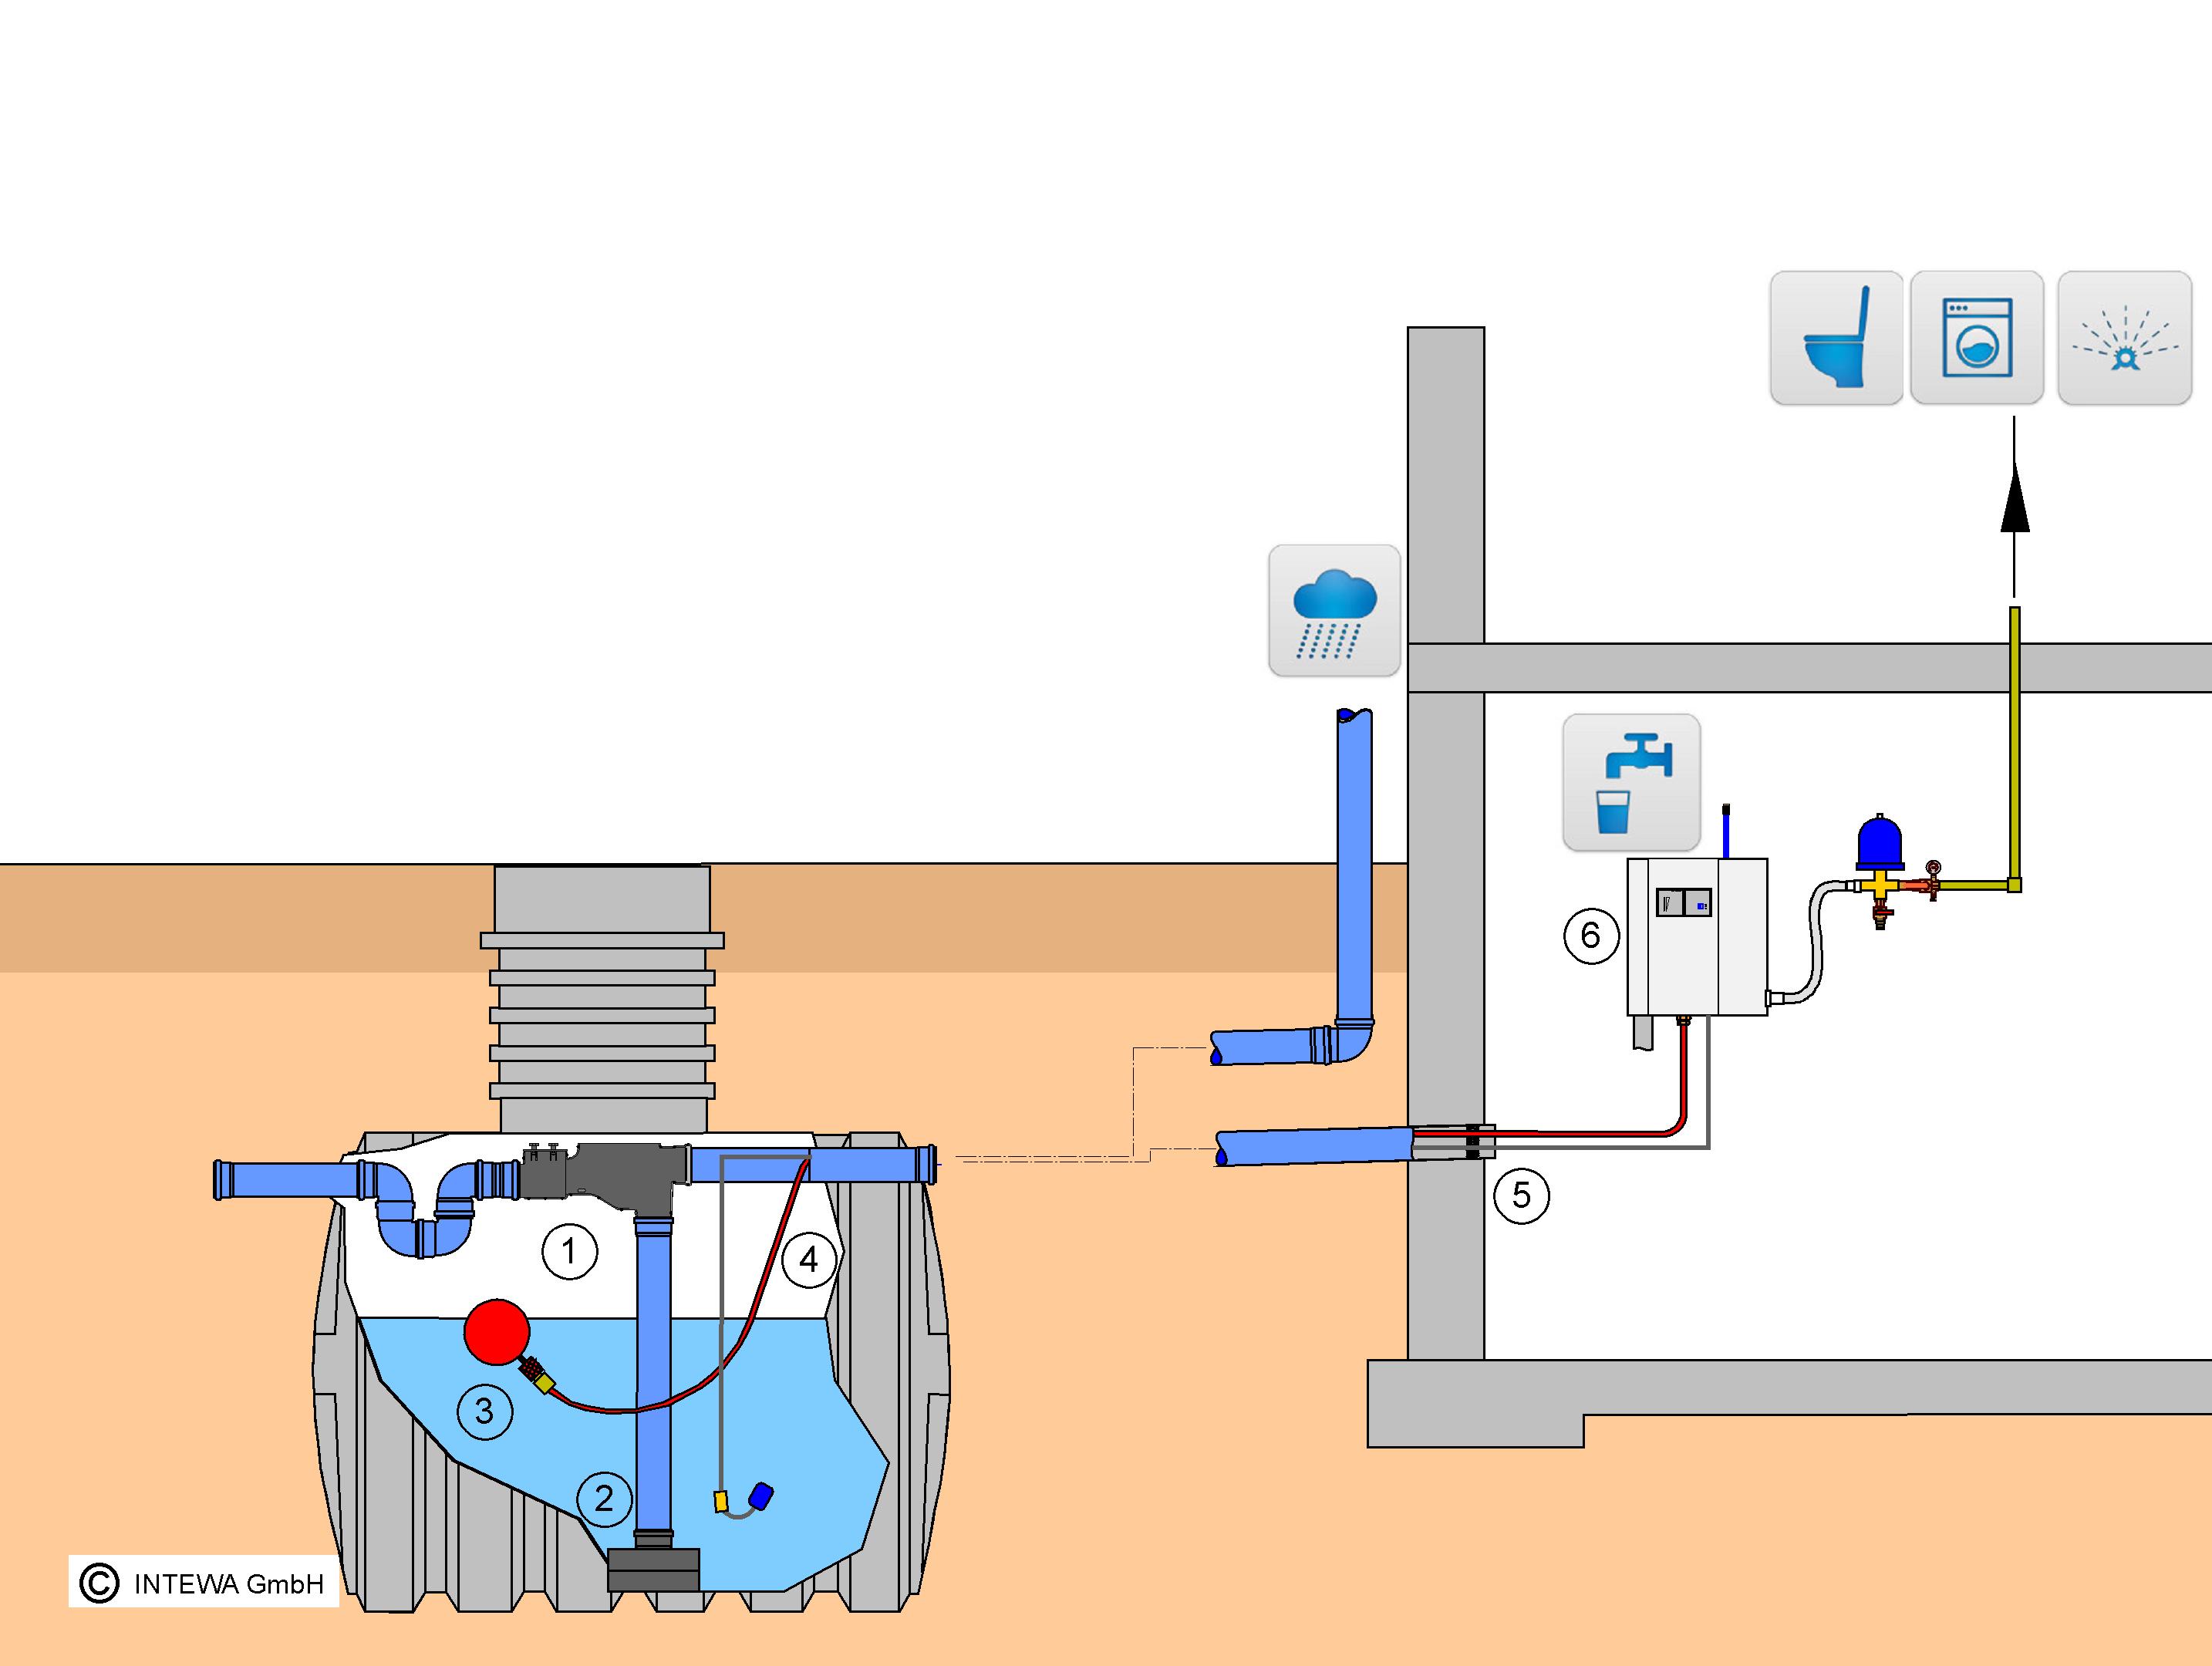 brauchwasseranlagen regenwassernutzung wassertechnik. Black Bedroom Furniture Sets. Home Design Ideas